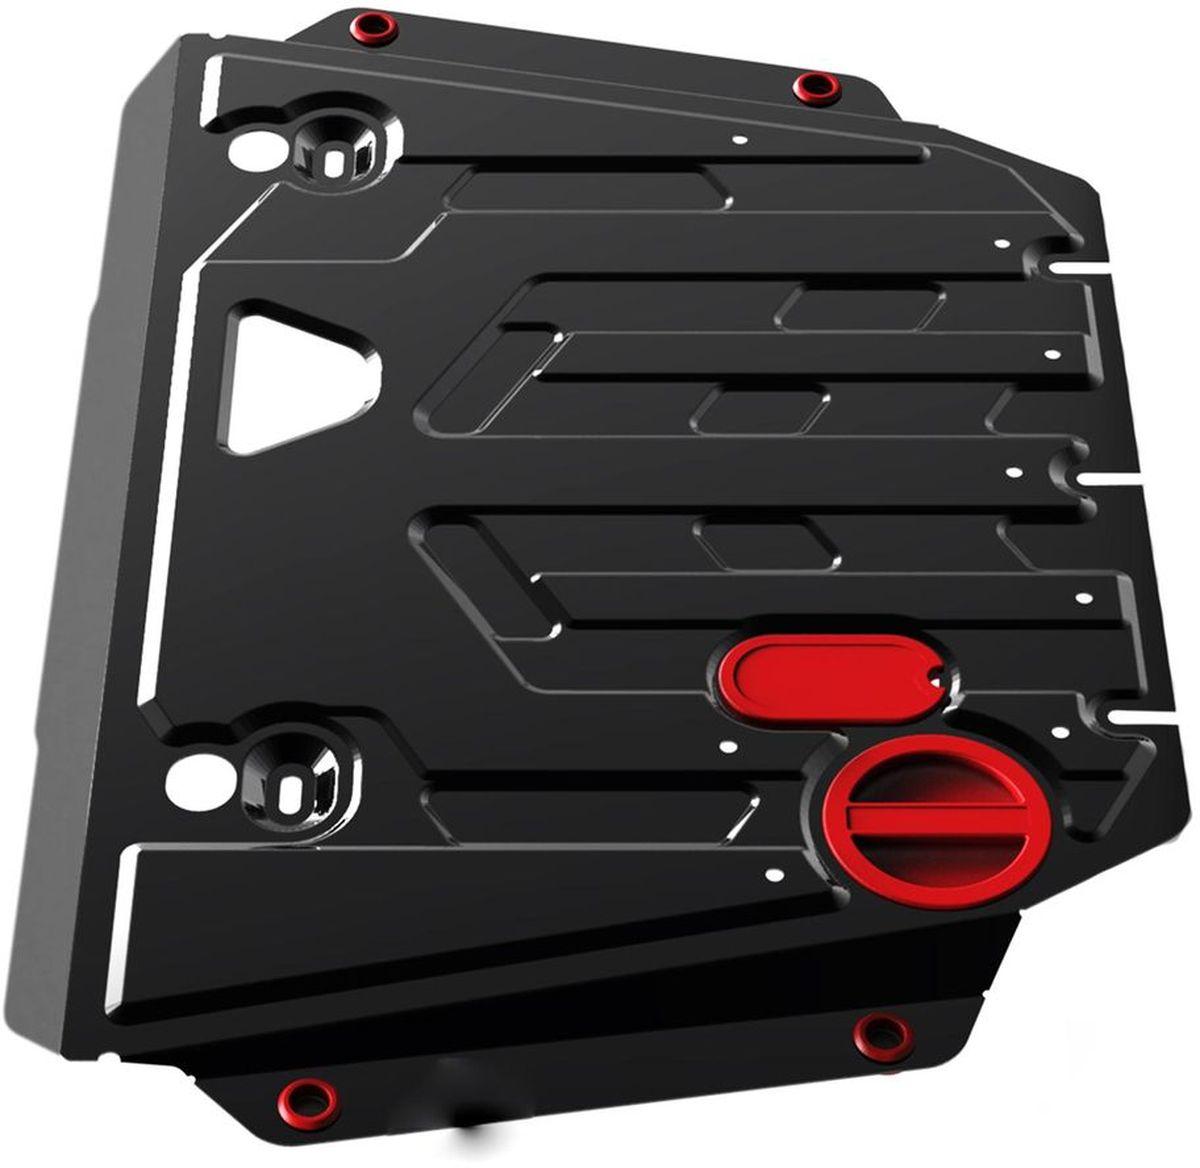 Защита картера Автоброня, для ISUZU D-MAX М-2,5TD, 2012-111.09102.1Технологически совершенный продукт за невысокую стоимость. Защита разработана с учетом особенностей днища автомобиля, что позволяет сохранить дорожный просвет с минимальным изменением. Защита устанавливается в штатные места кузова автомобиля. Глубокий штамп обеспечивает до двух раз больше жесткости в сравнении с обычной защитой той же толщины. Проштампованные ребра жесткости препятствуют деформации защиты при ударах. Тепловой зазор и вентиляционные отверстия обеспечивают сохранение температурного режима двигателя в норме. Скрытый крепеж предотвращает срыв крепежных элементов при наезде на препятствие. Шумопоглощающие резиновые элементы обеспечивают комфортную езду без вибраций и скрежета металла, а съемные лючки для слива масла и замены фильтра - экономию средств и время. Конструкция изделия не влияет на пассивную безопасность автомобиля (при ударе защита не воздействует на деформационные зоны кузова). Со штатным крепежом. В комплекте инструкция по установке....